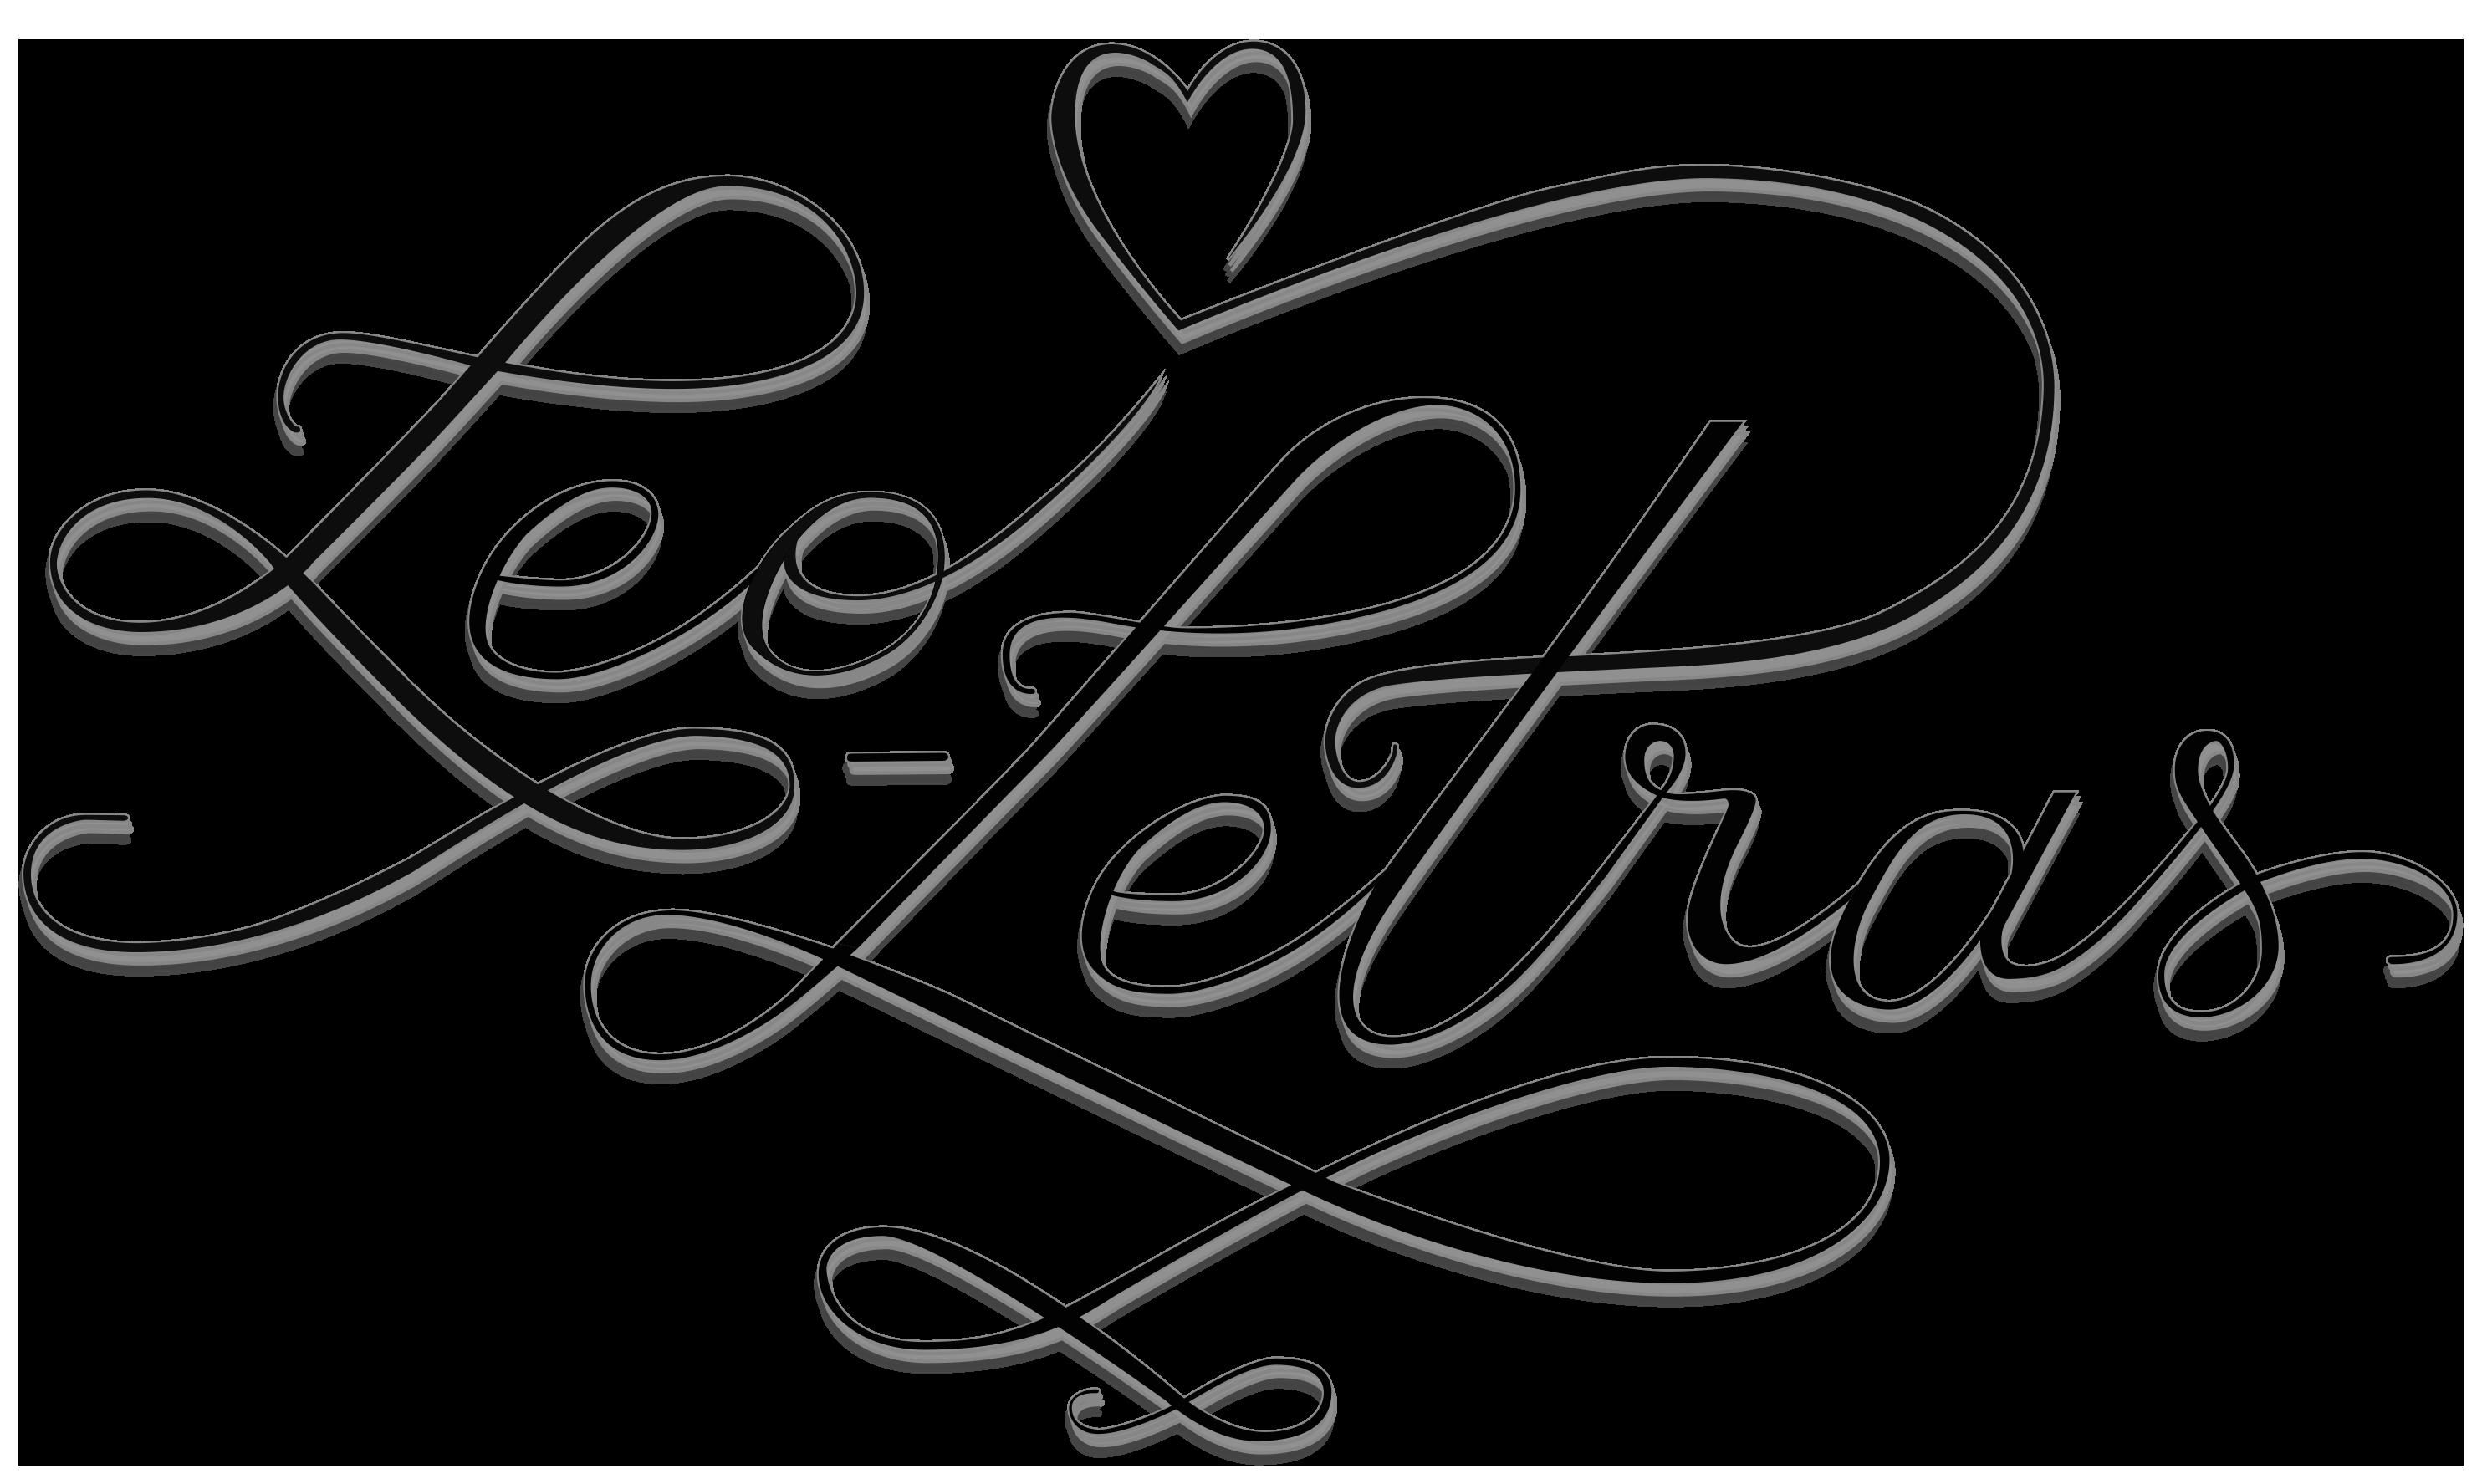 Leo letras